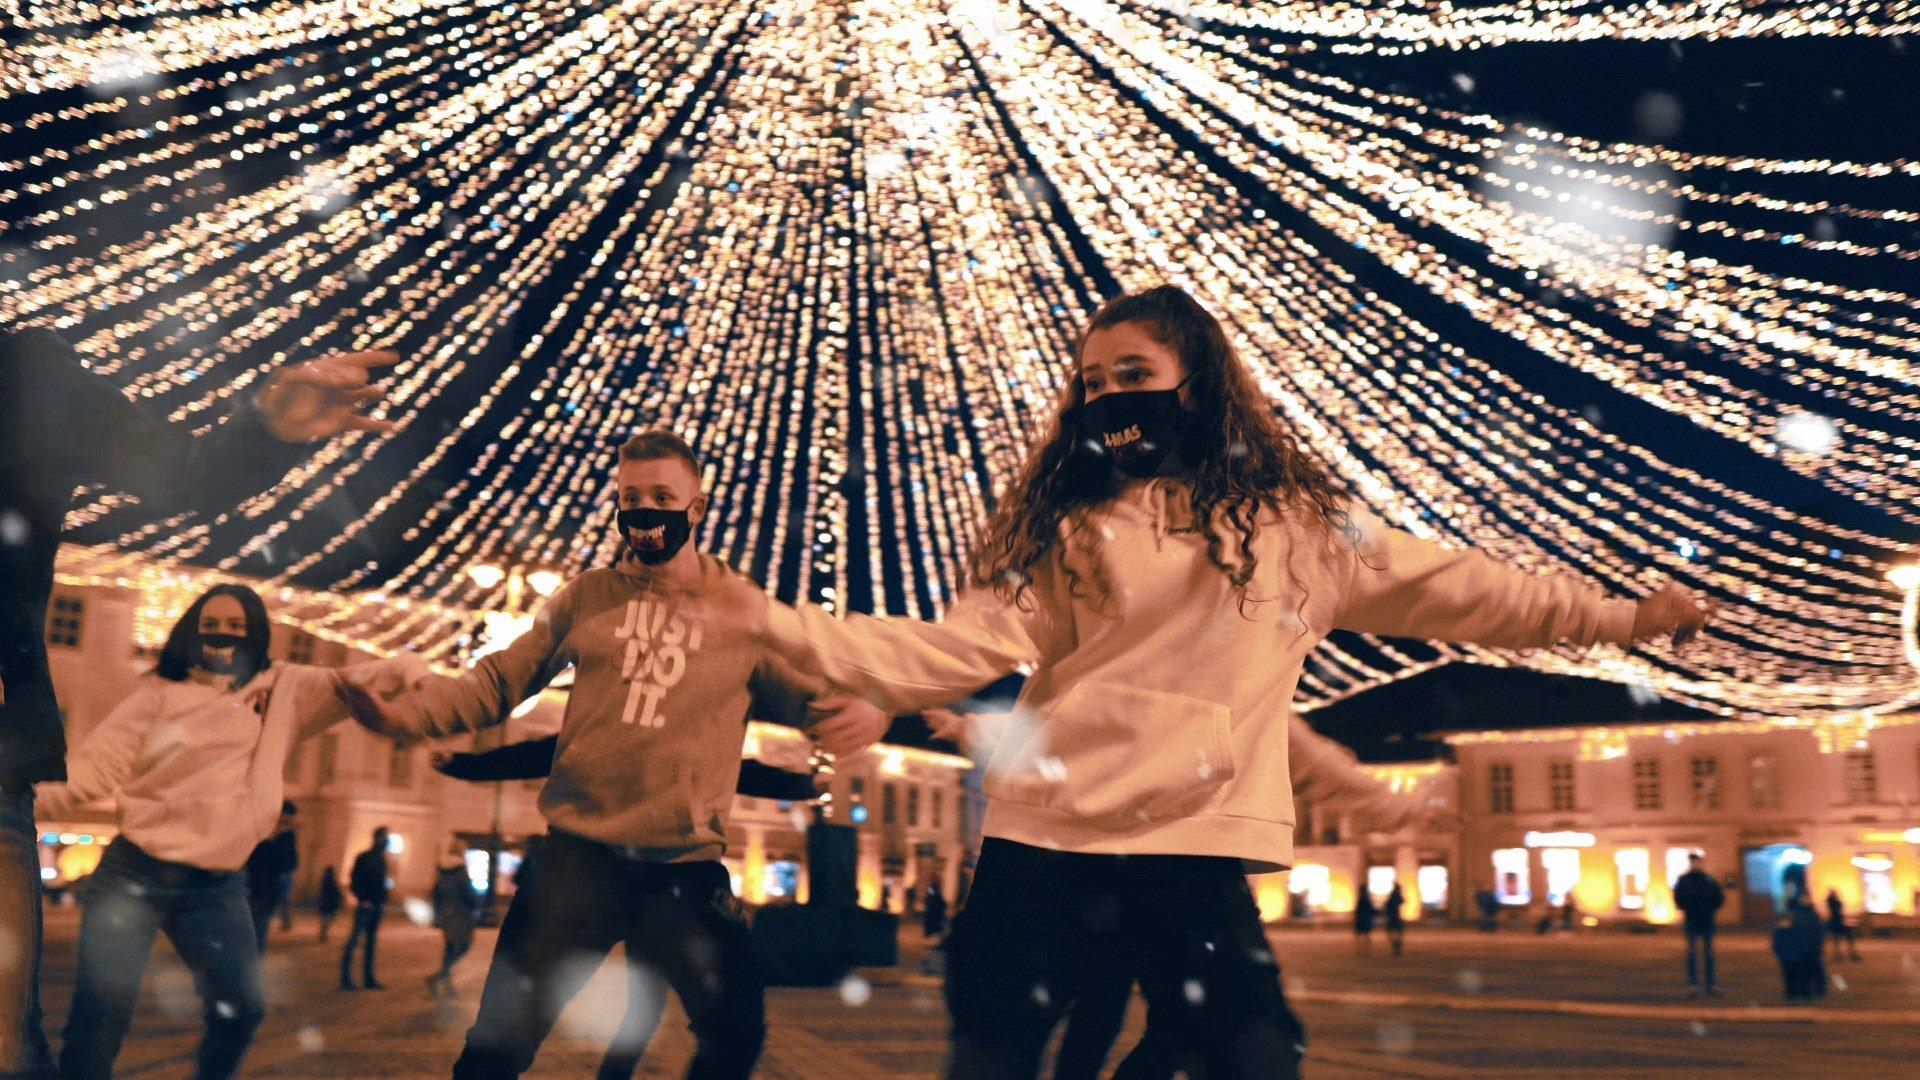 Video: Dans cu tematică făcut cadou sibienilor în prima zi de Crăciun